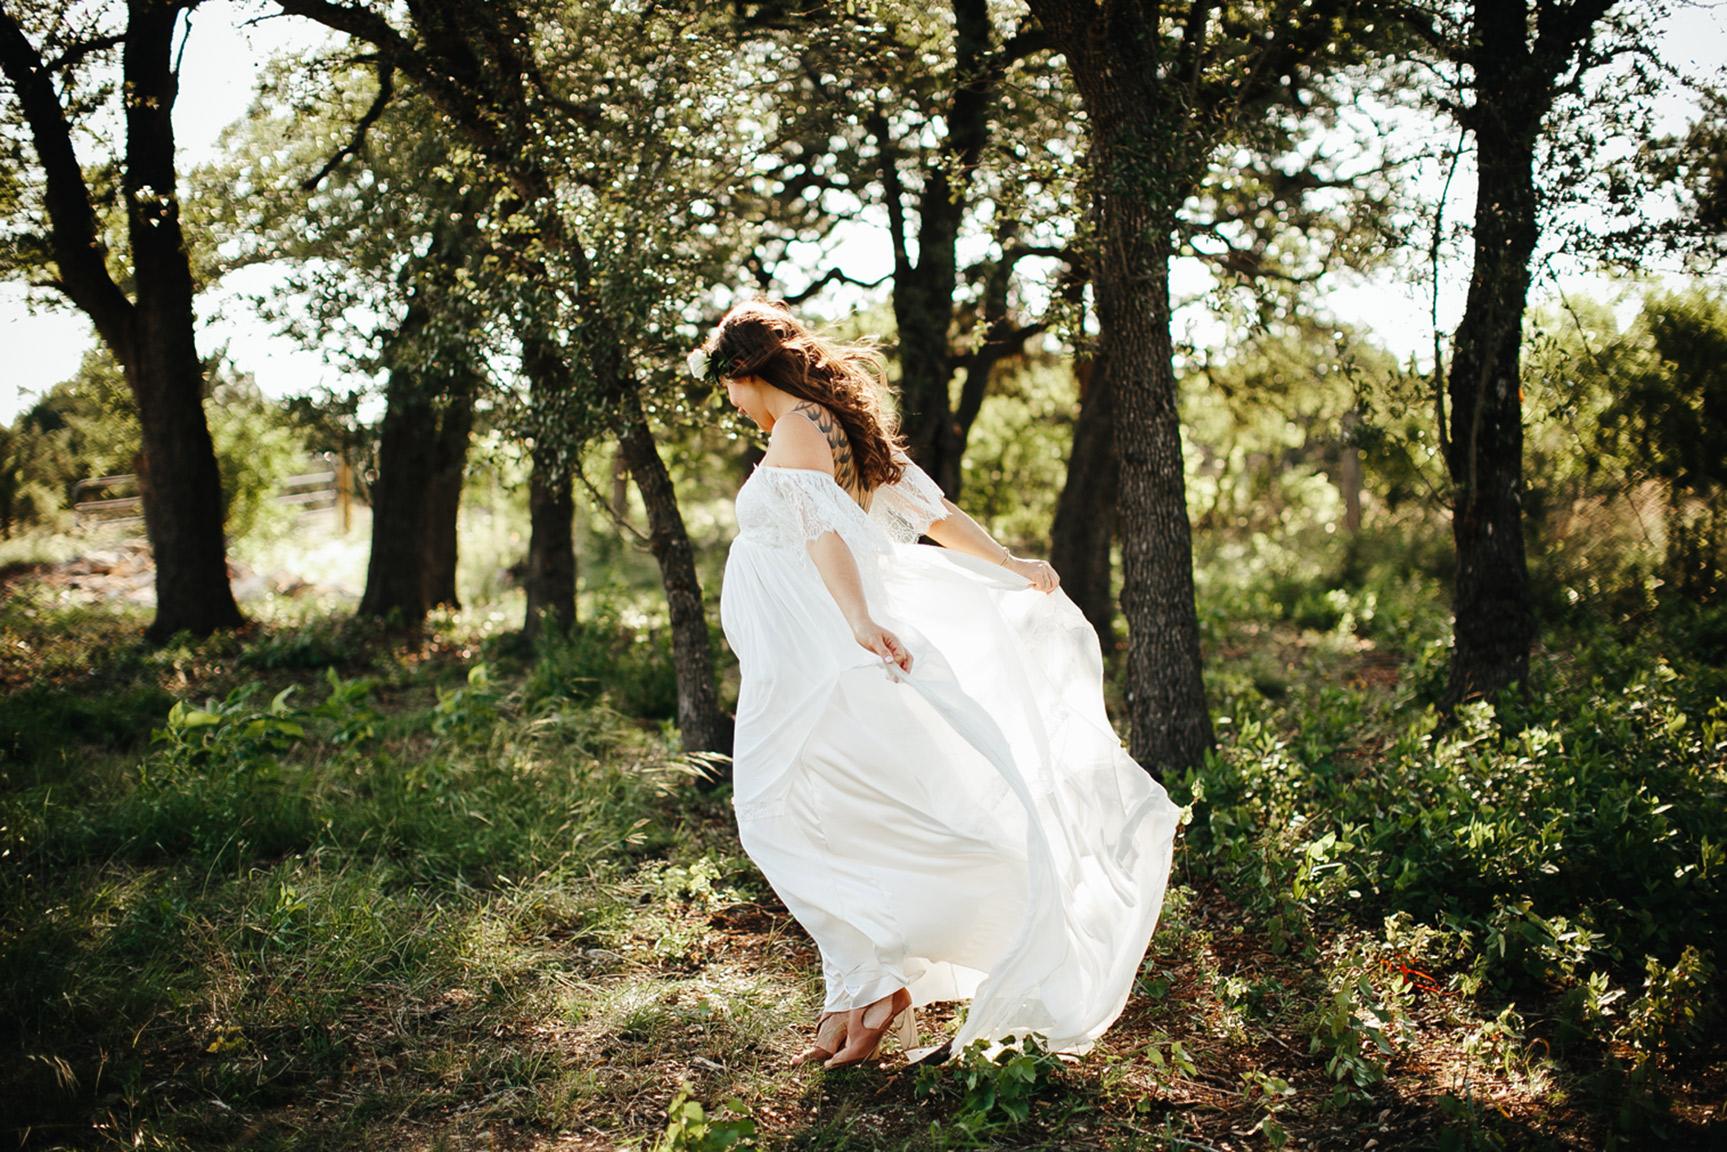 austin_WeddingPhotographer_046.jpg